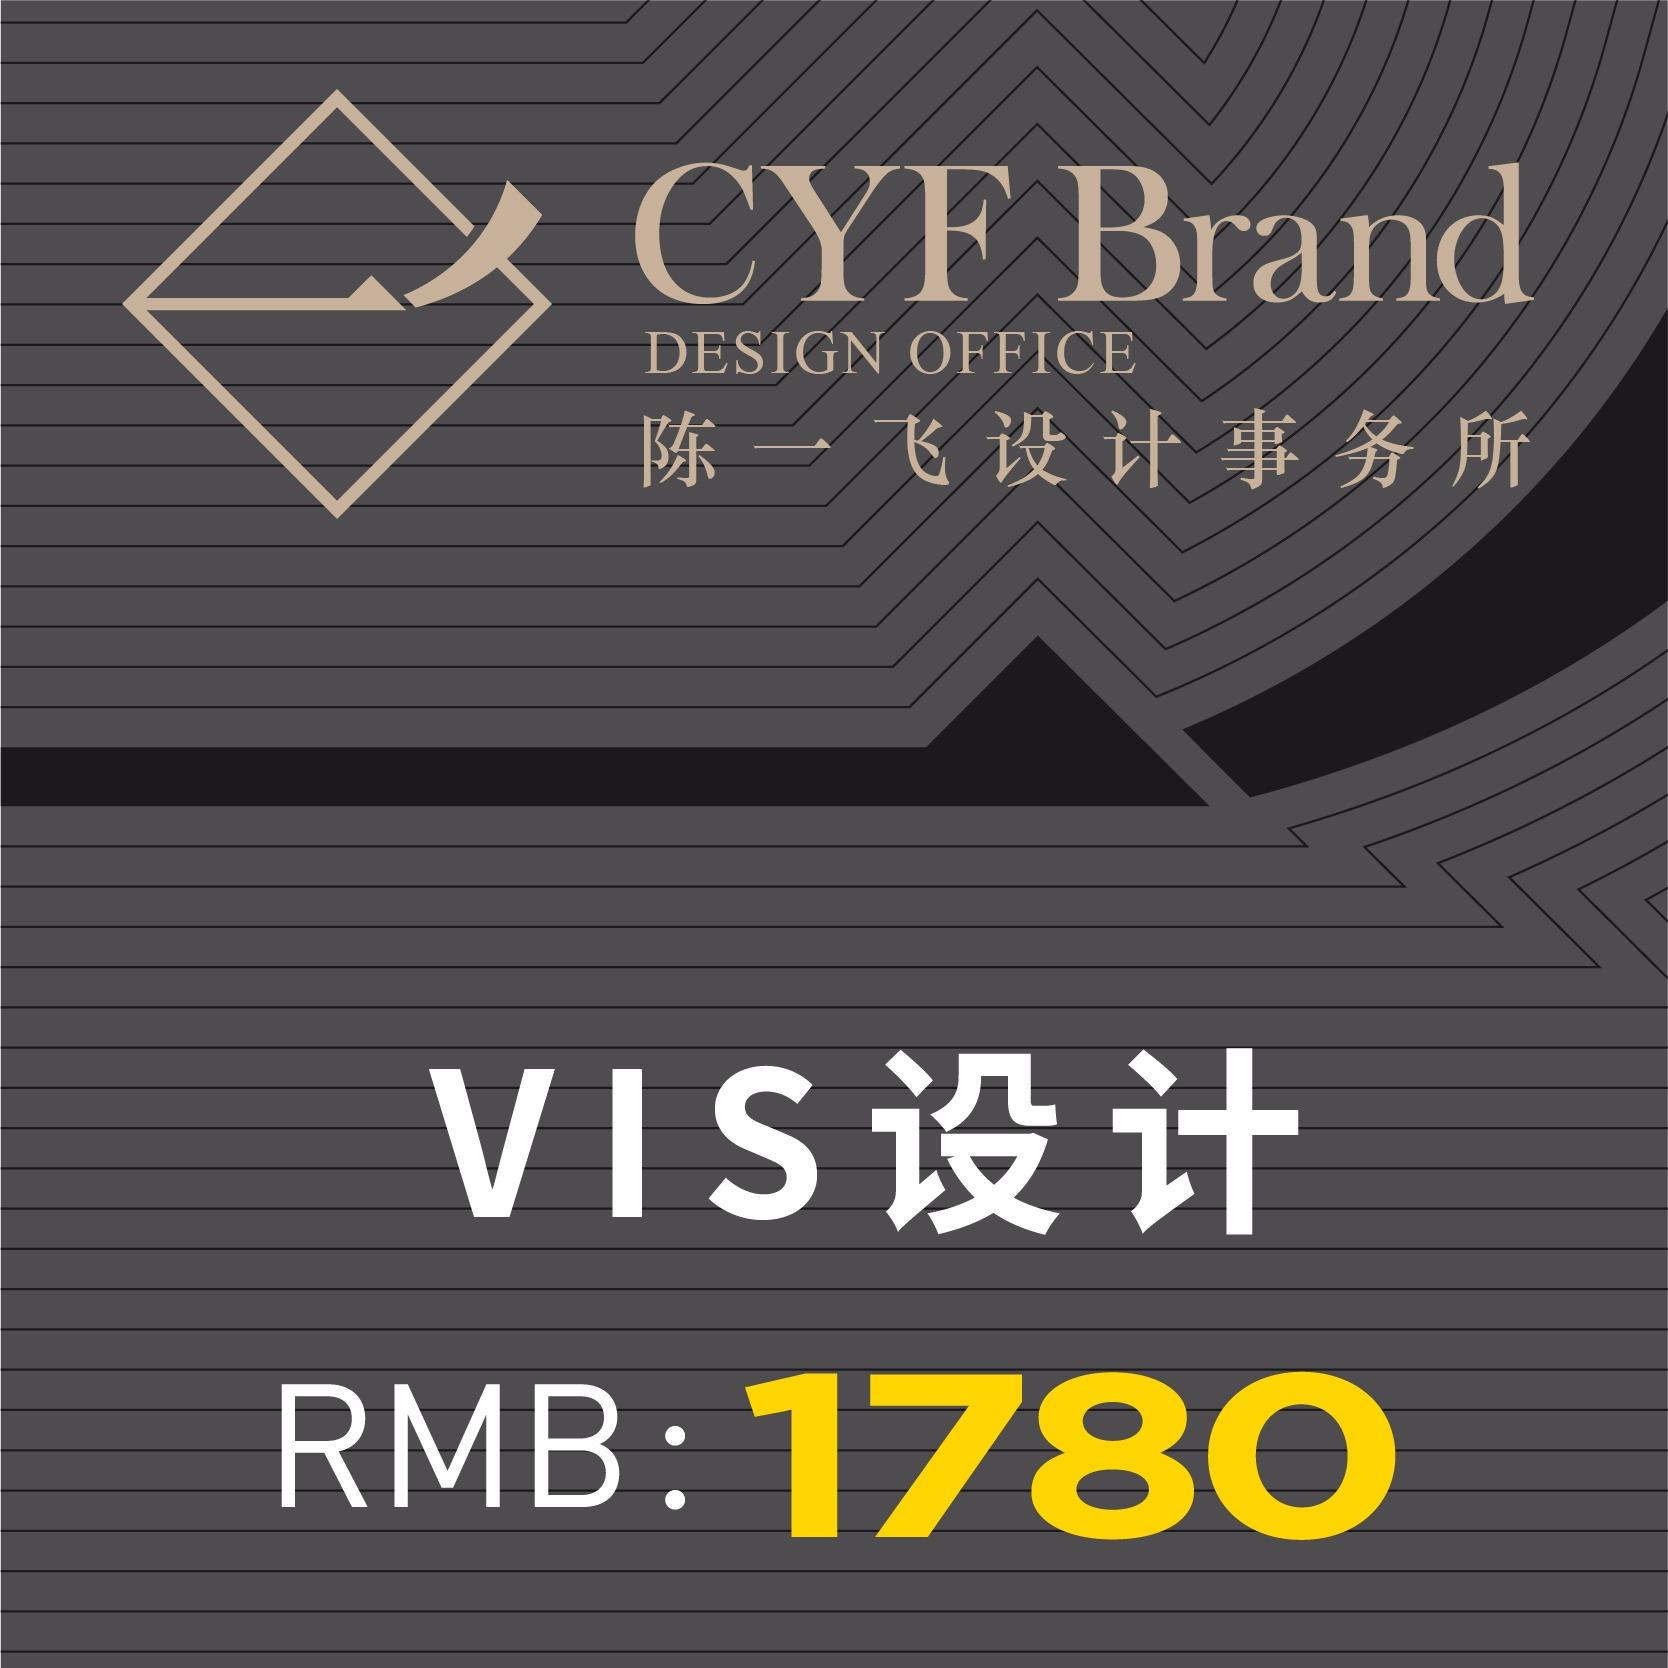 【餐饮行业】陈一飞vi设计企业定制VIS设计品牌宣传VI设计